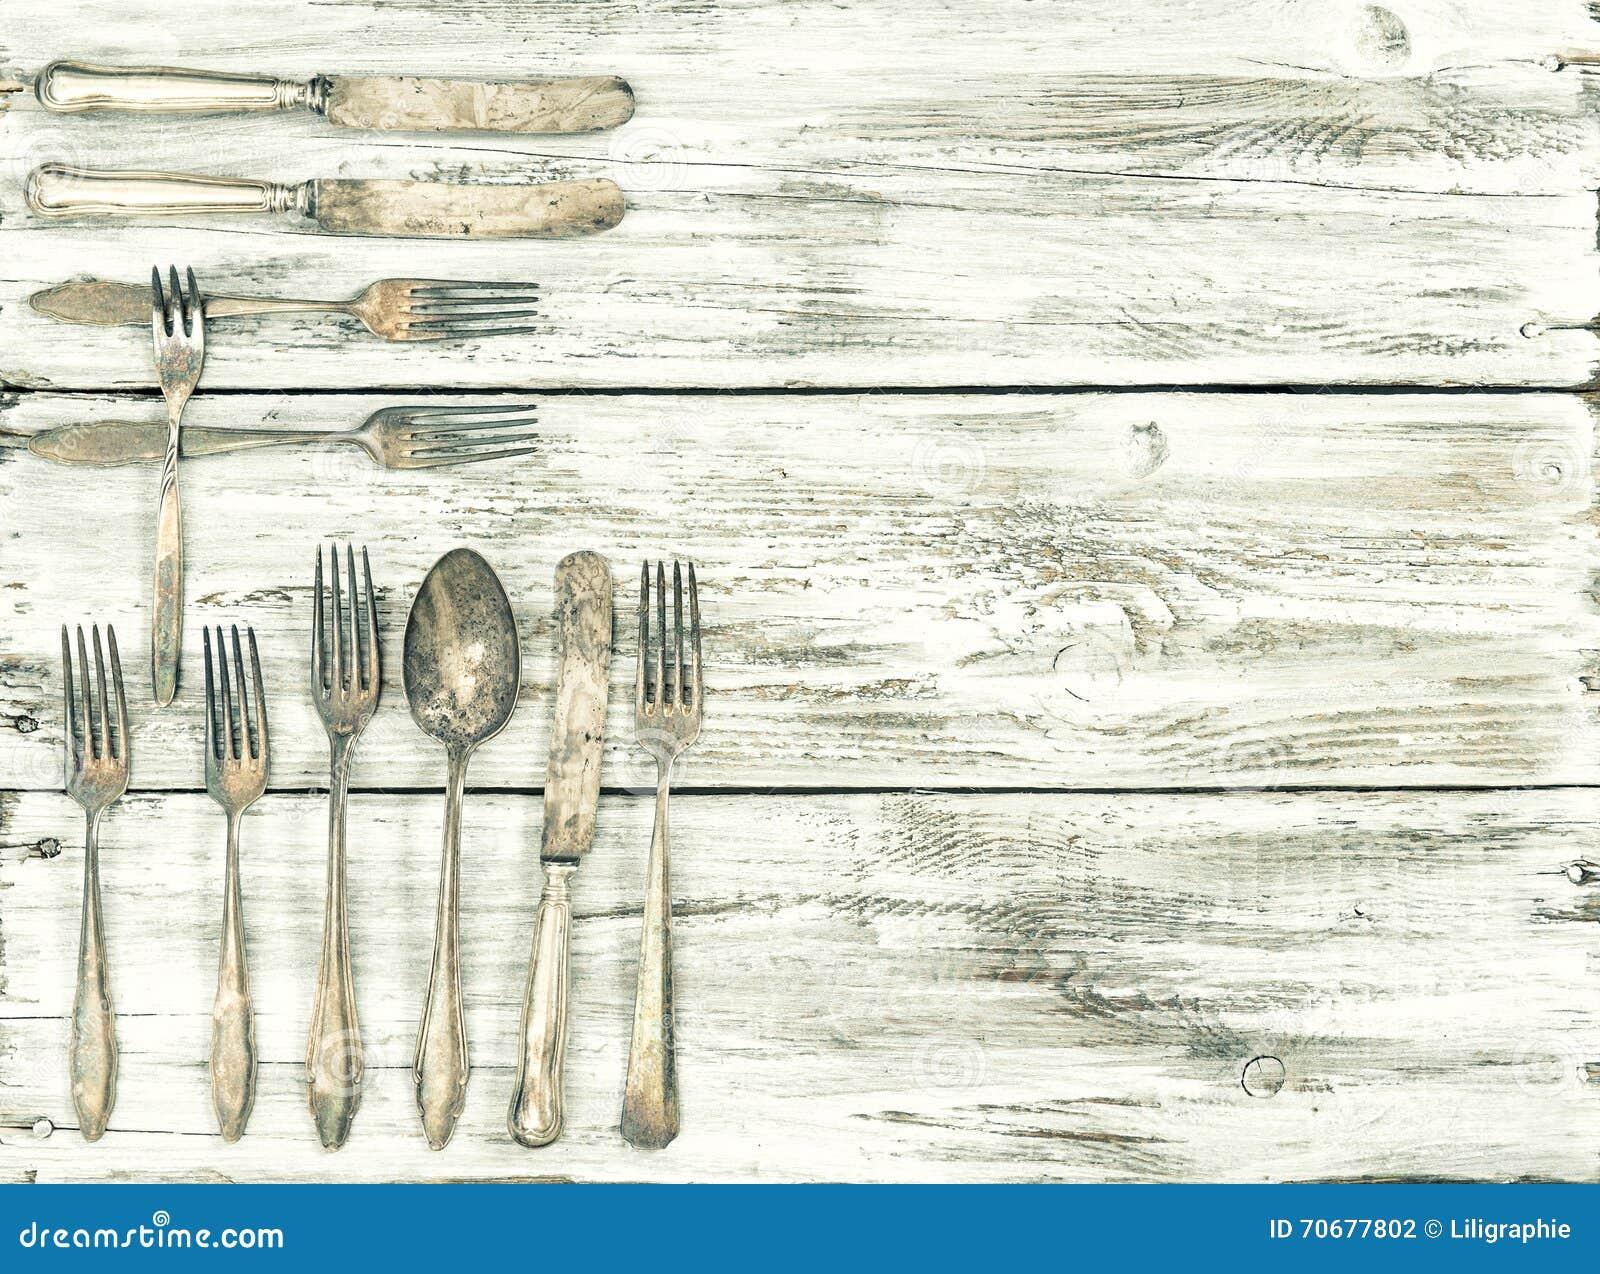 Vintage Kitchen Background ~ Antique cutlery wooden background kitchen utensils vintage